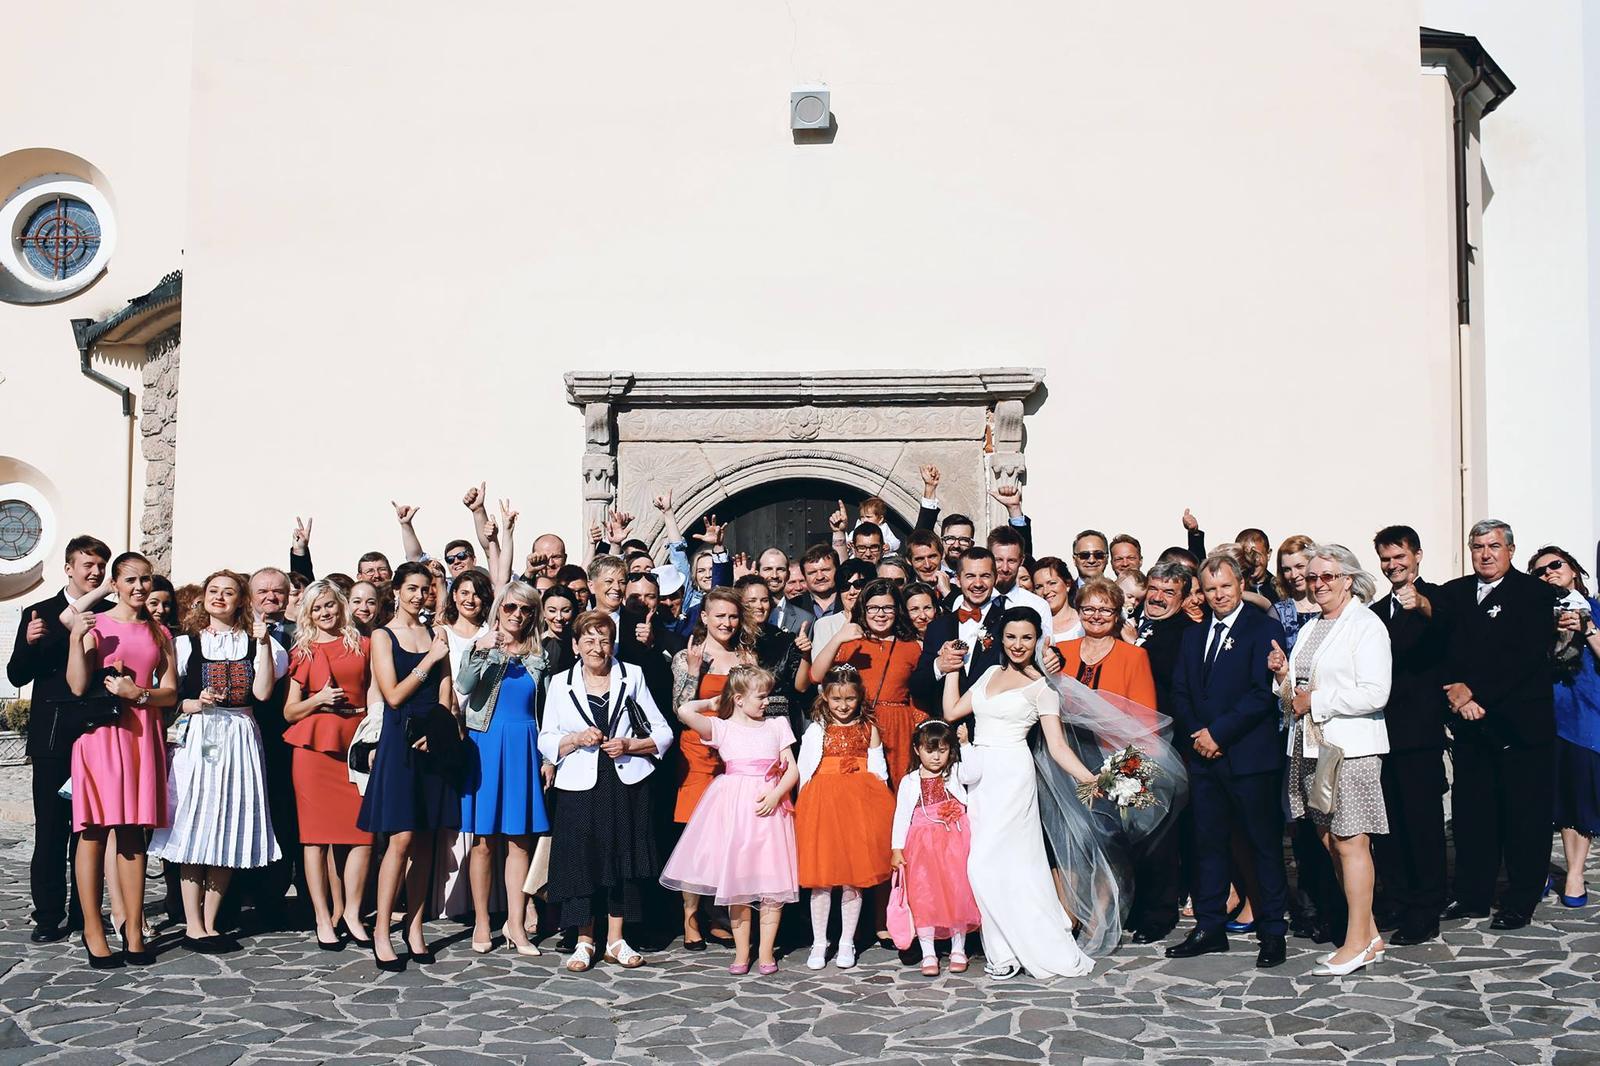 Nepodceňujte čaro skupinových fotografii <3 we are FAMILY! (photo by Iv Santa Photographie) - Obrázok č. 1